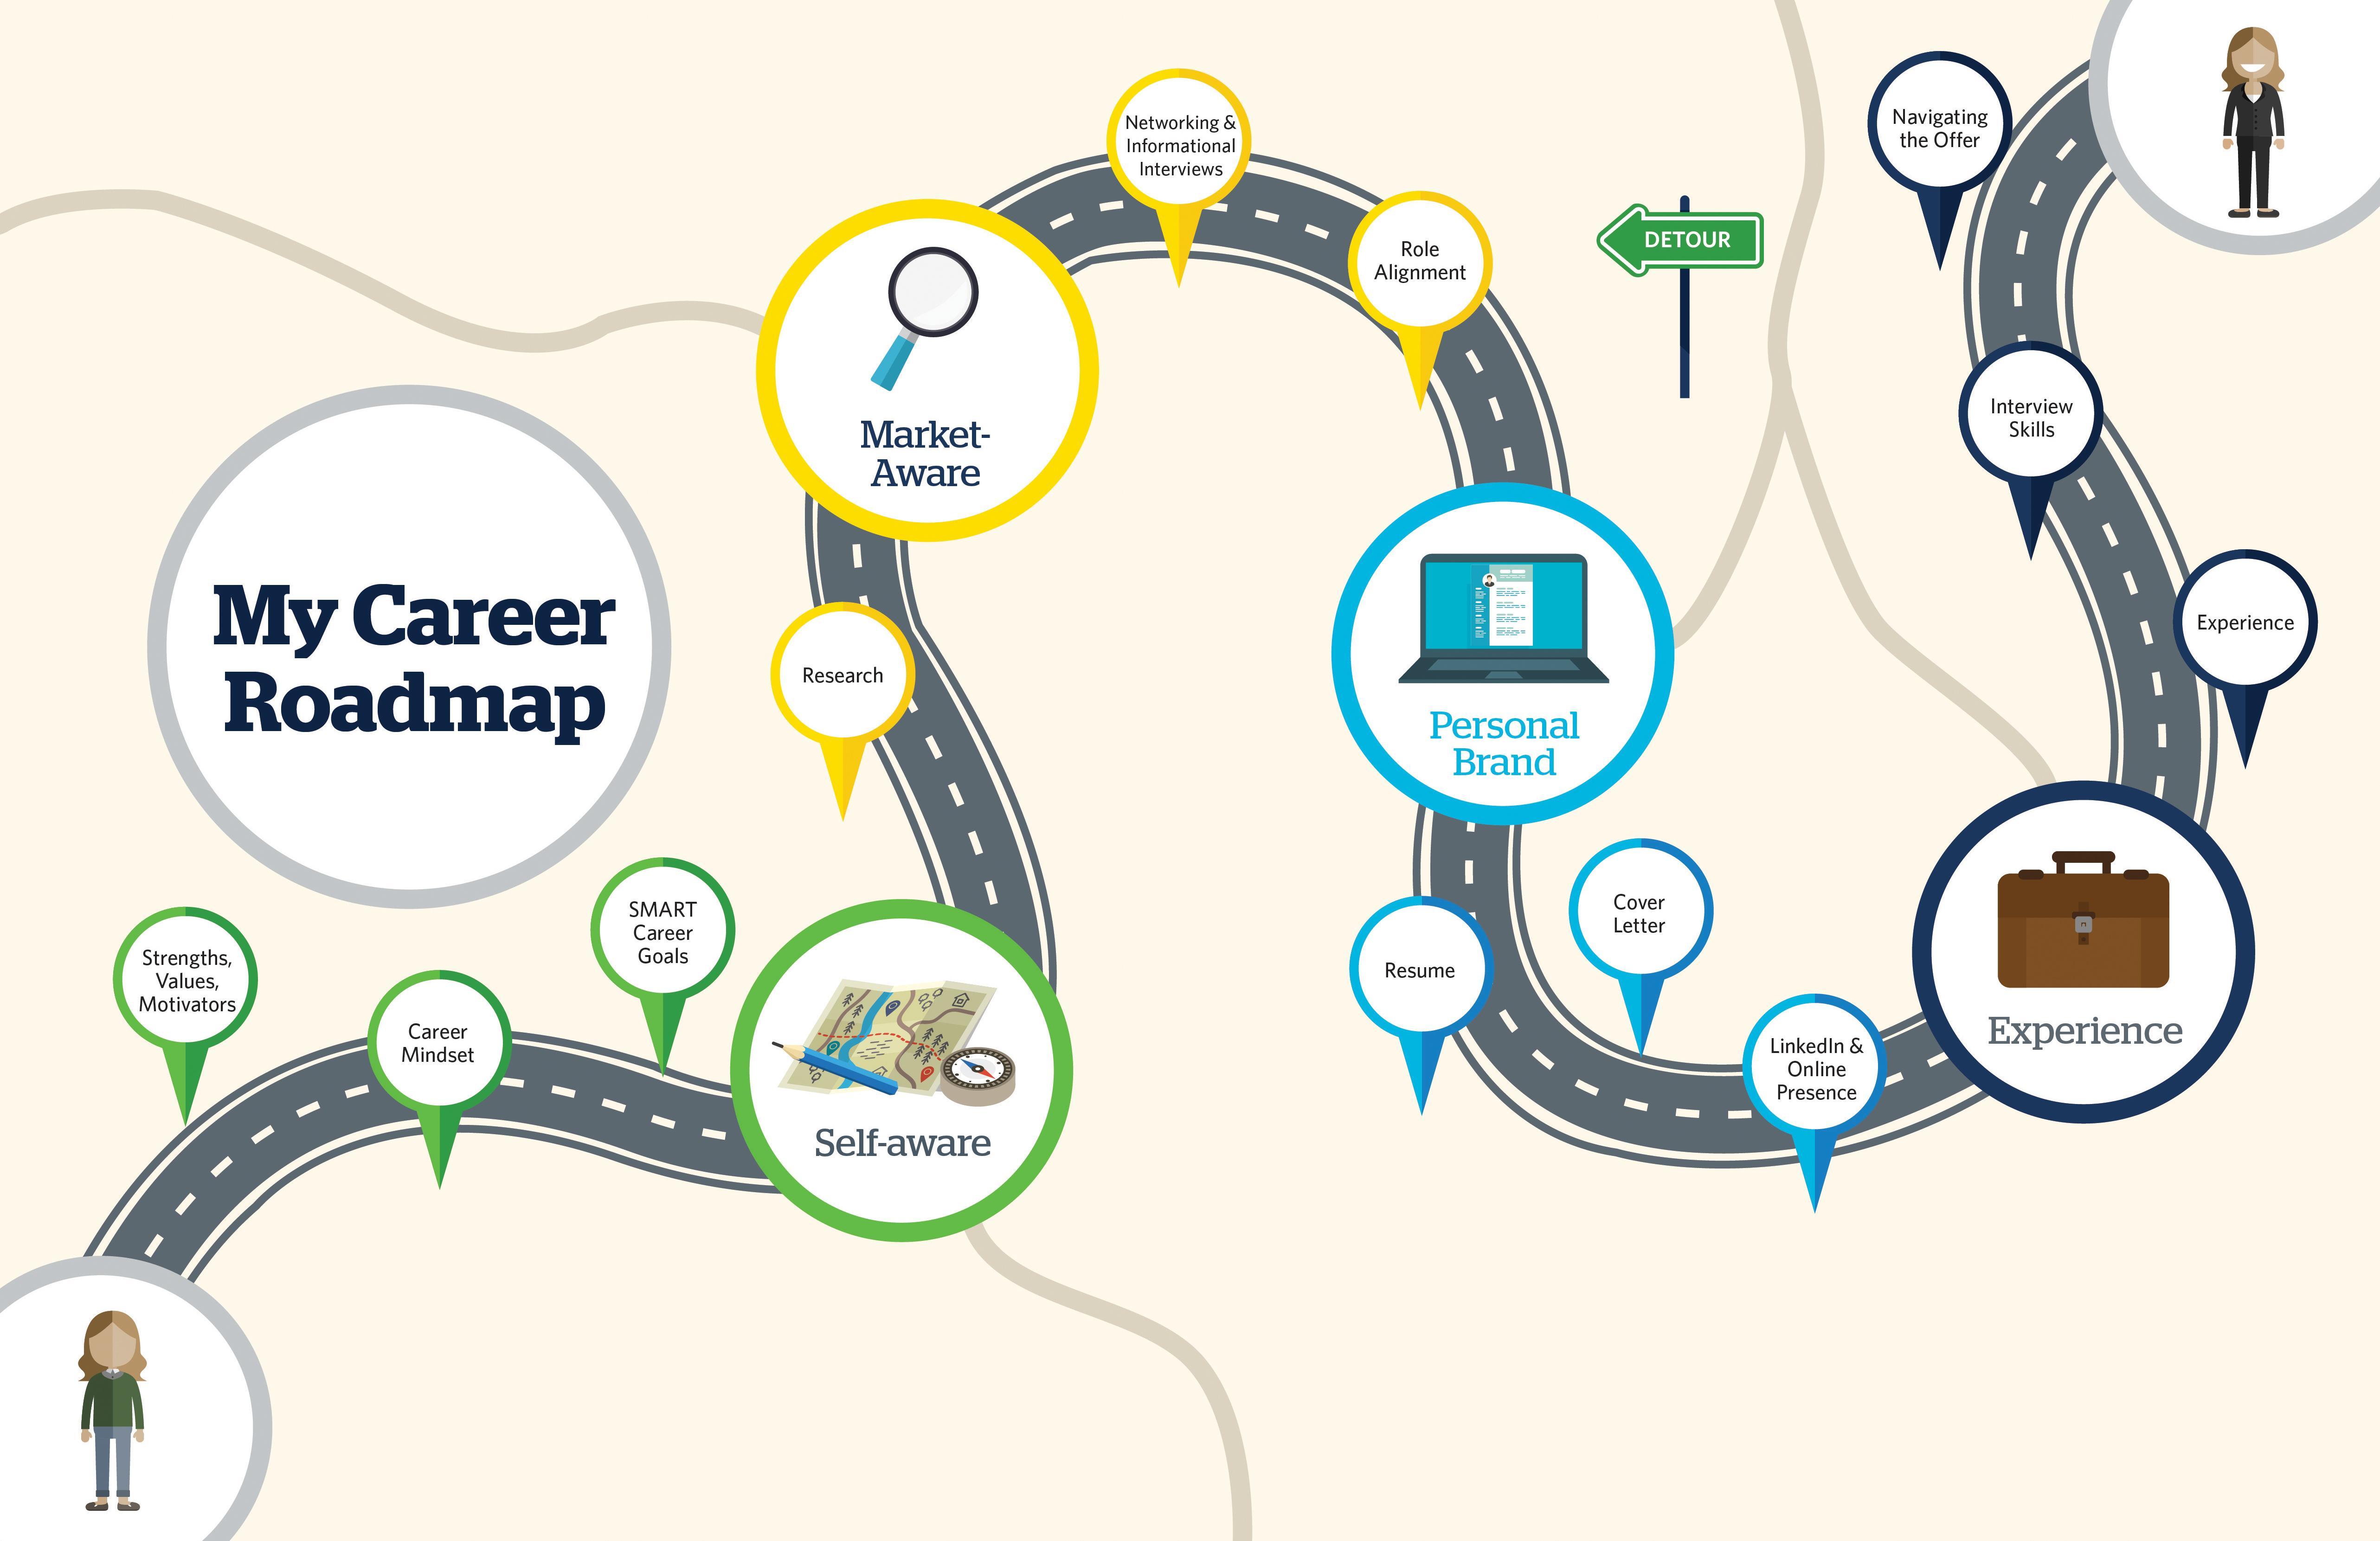 Career Roadmap Model